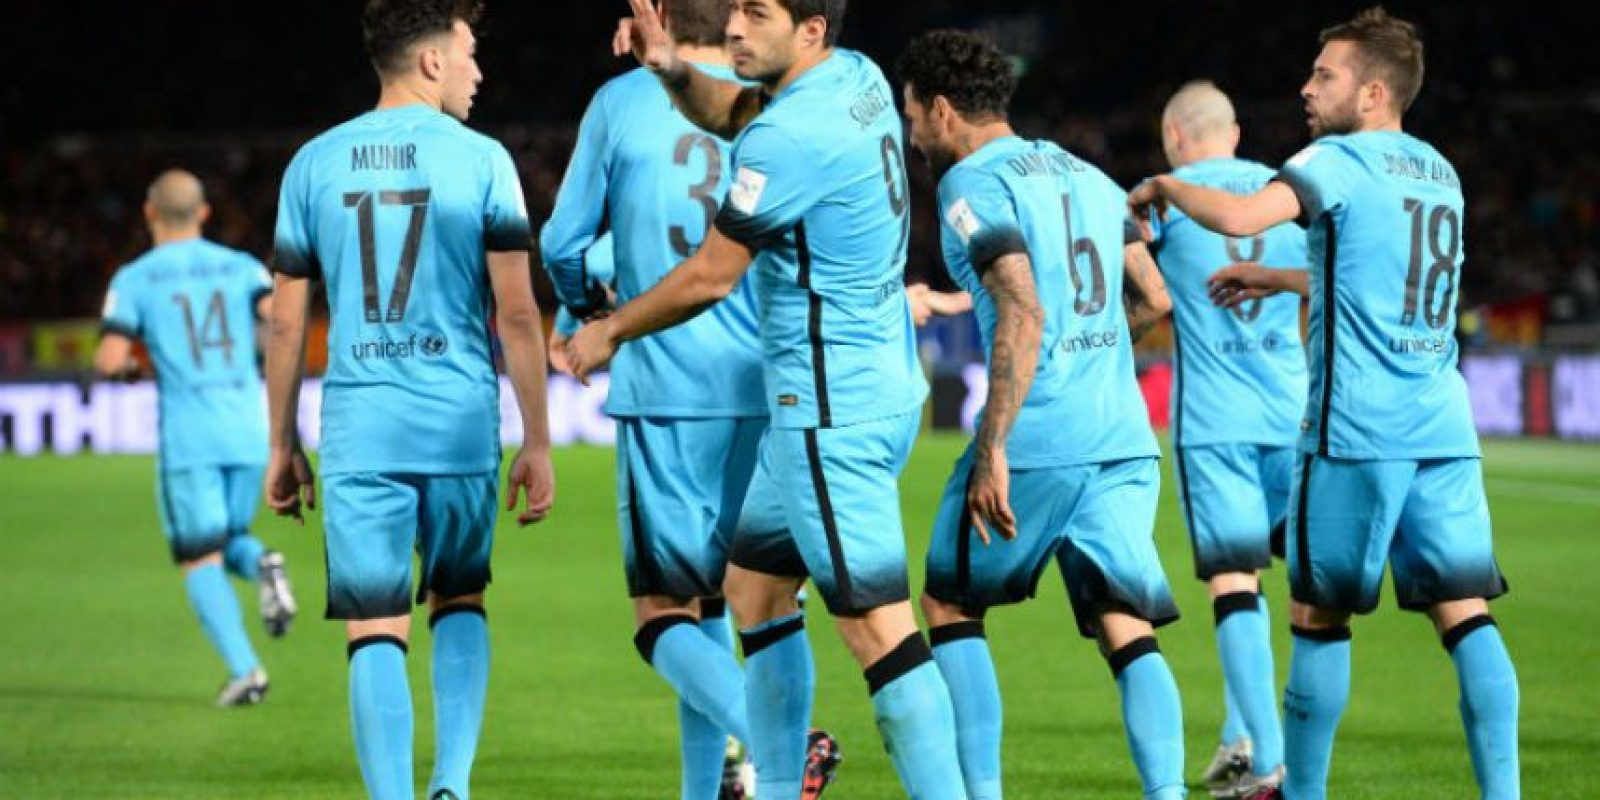 3. Barcelona es, junto a Corinthians, el máximo ganador del torneo con dos estrellas (2009 y 2011) Foto:Getty Images